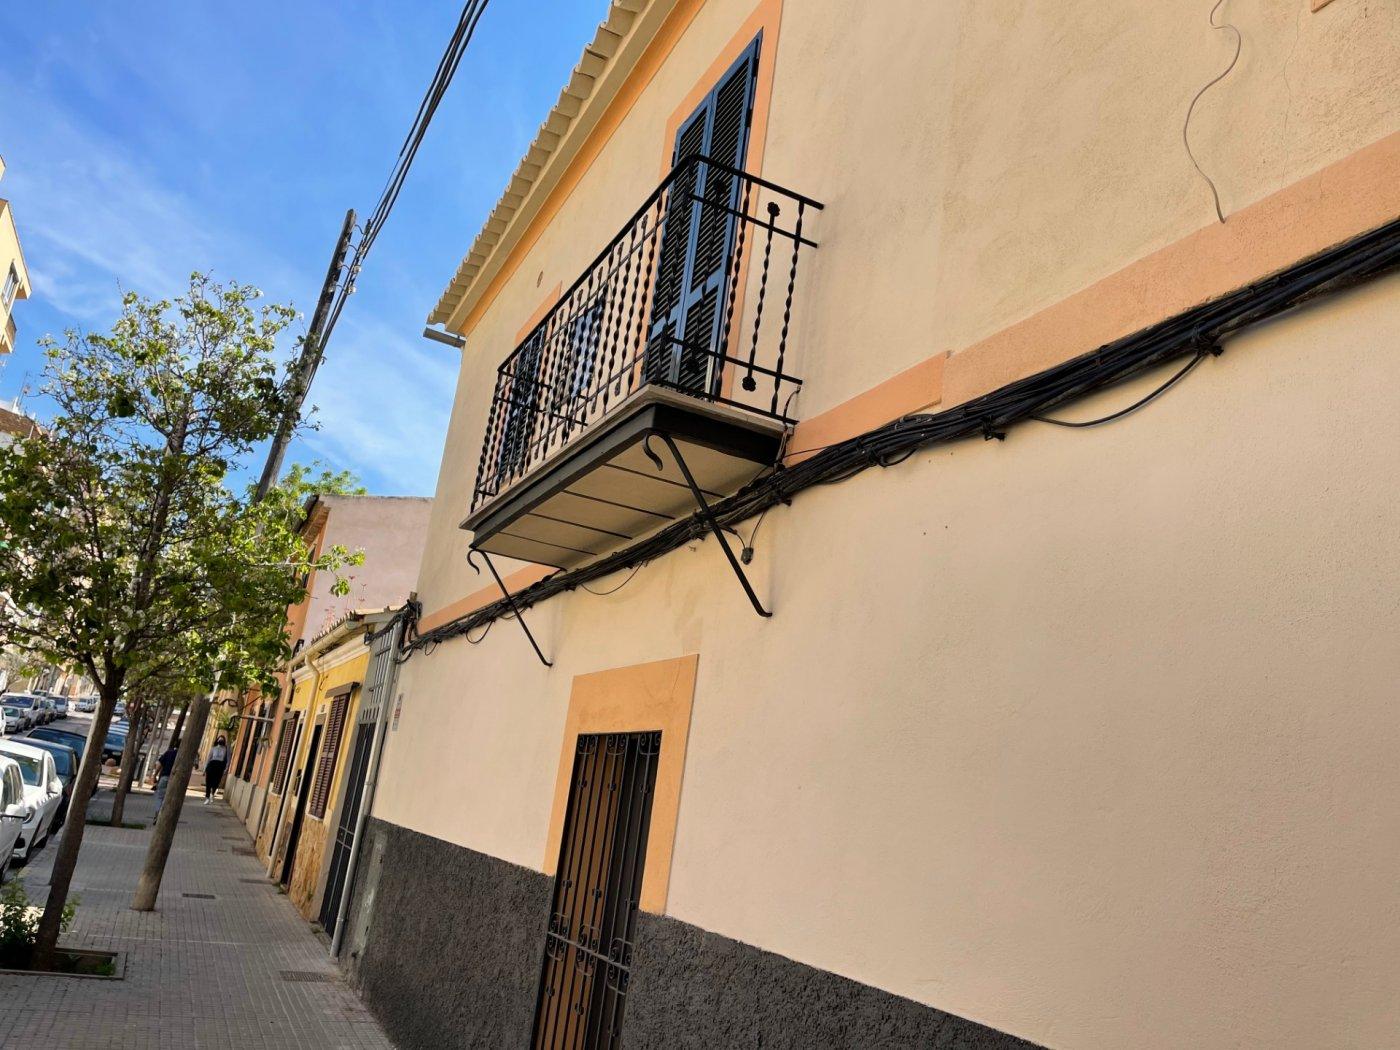 Piso en alquiler en santa catalina, palma de mallorca - imagenInmueble21